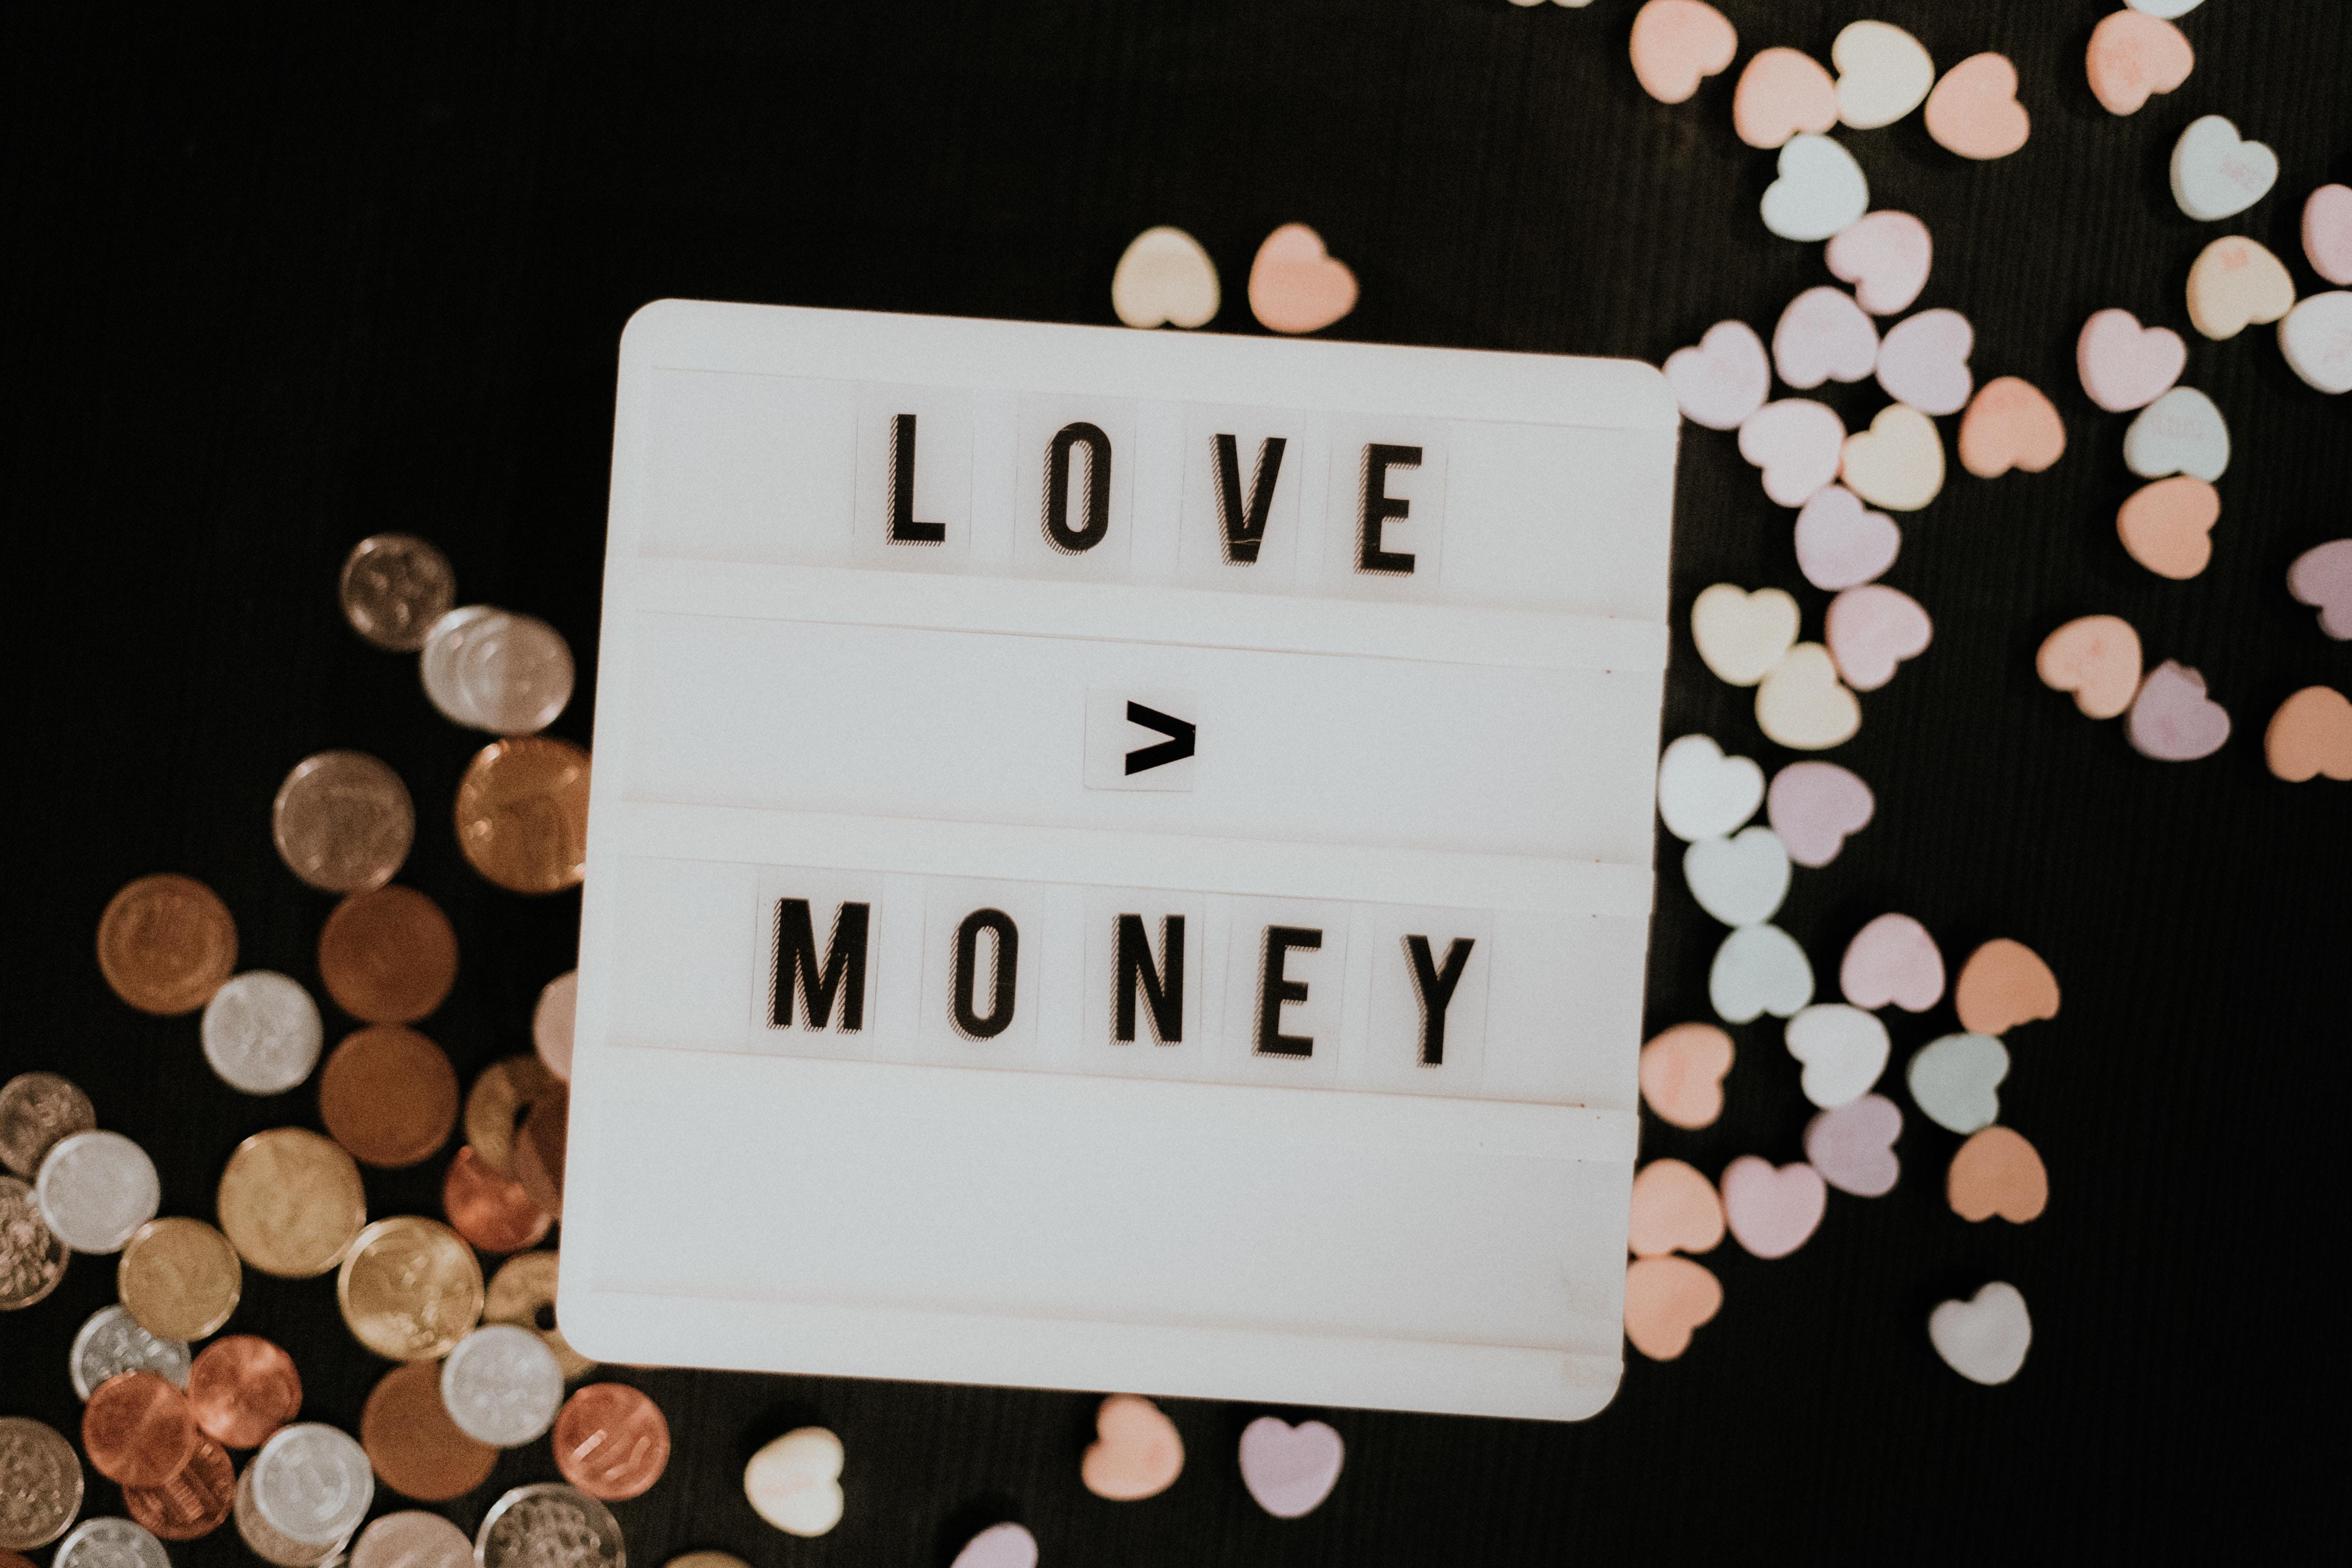 151160 Заставки и Обои Деньги на телефон. Скачать Деньги, Любовь, Слова, Фраза картинки бесплатно